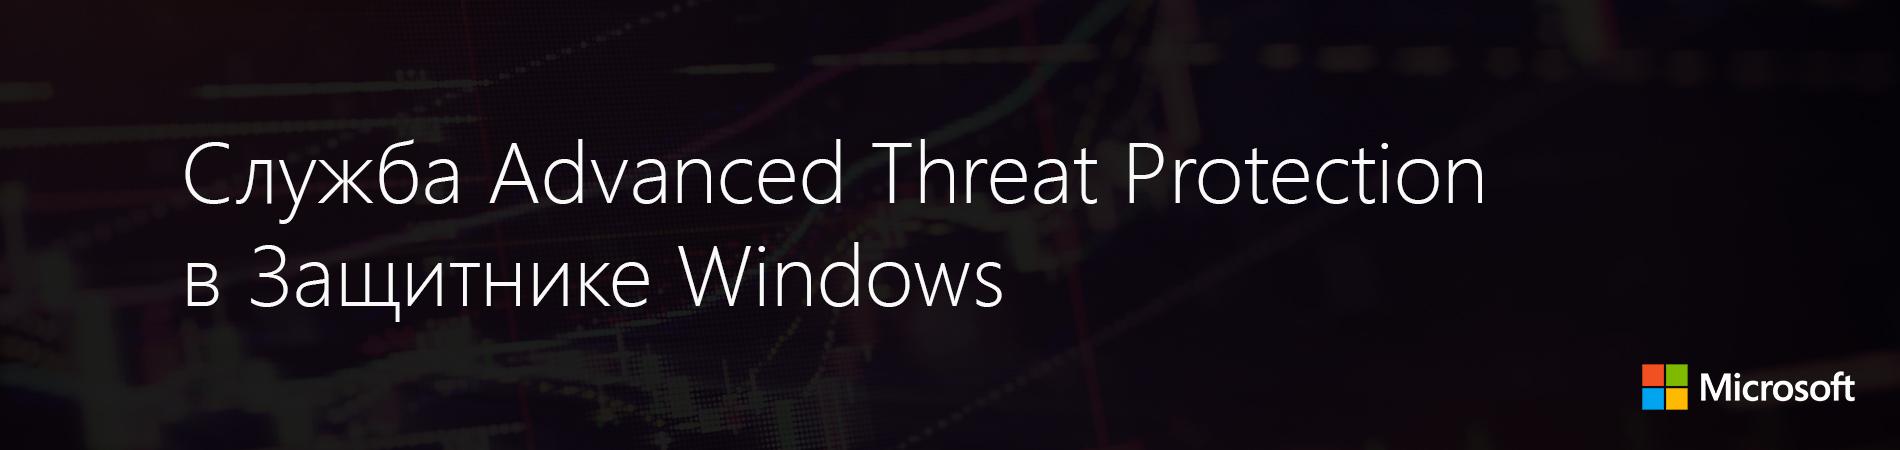 Служба Advanced Threat Protection в Защитнике Windows